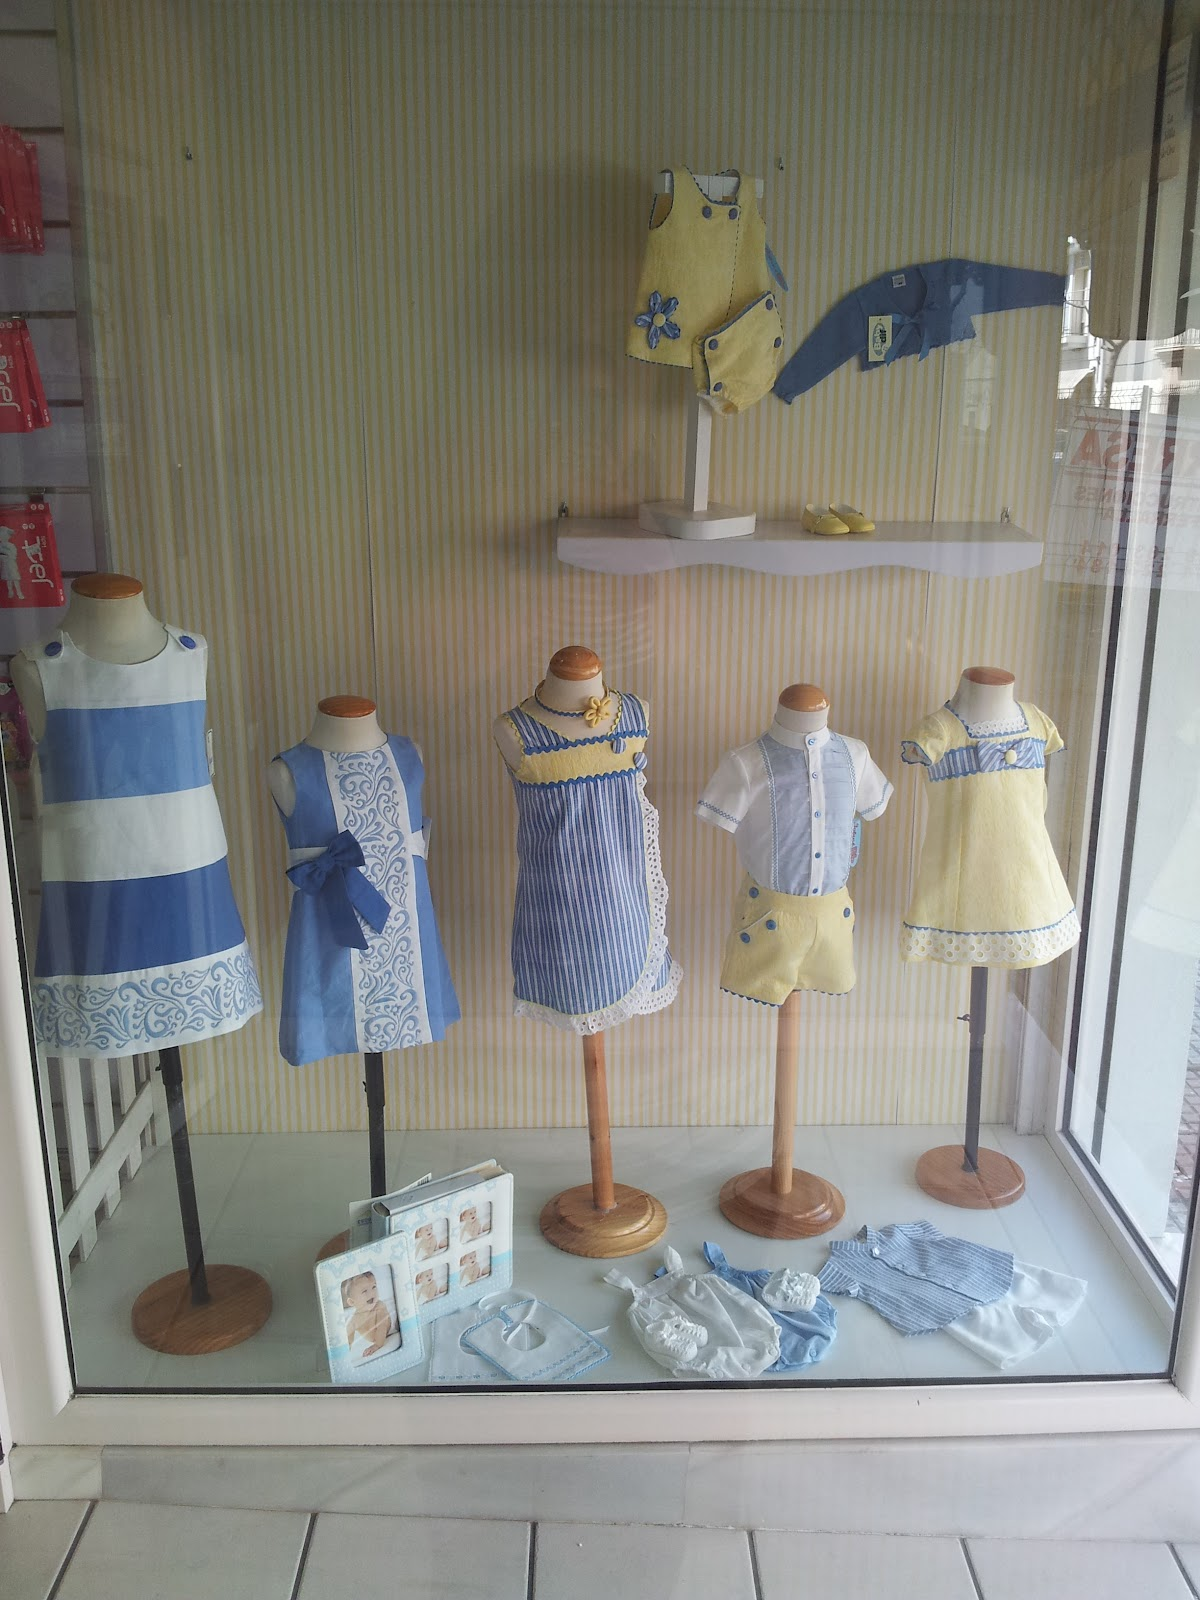 Solete moda infantil y mercer a escaparate el primero del verano - Mobiliario para merceria ...